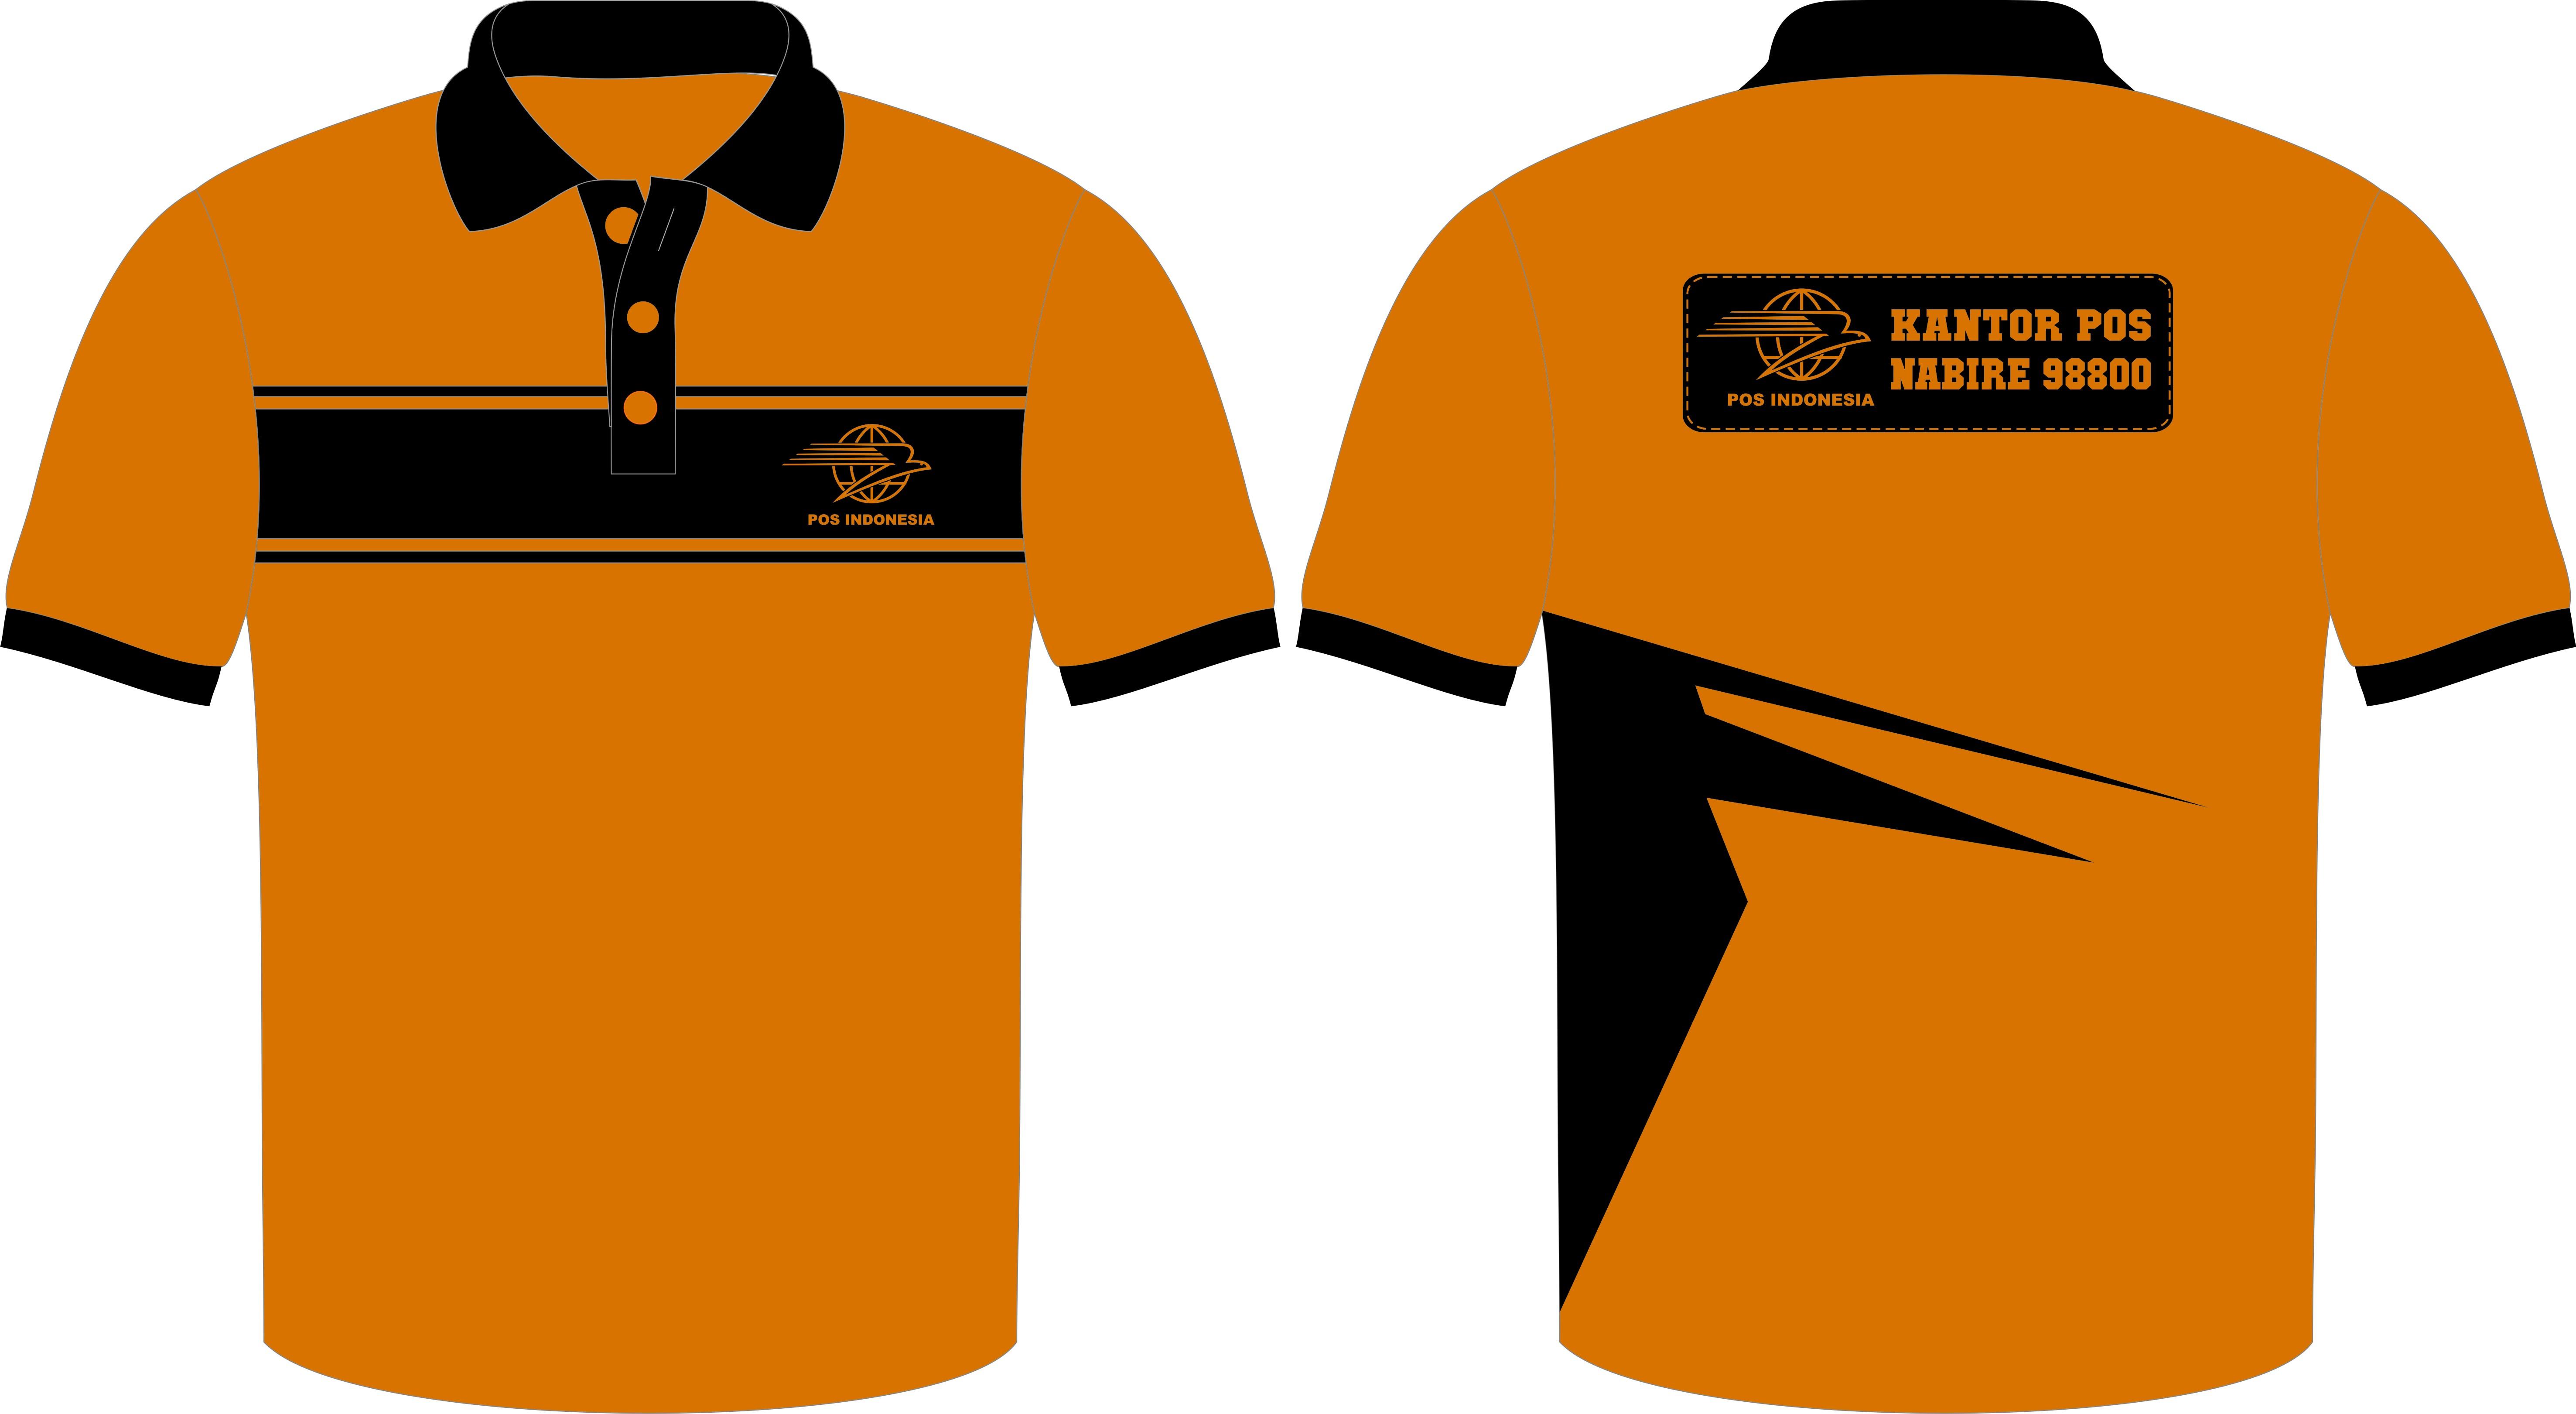 Seragam Poloshirt Lacoste - Training Diadora